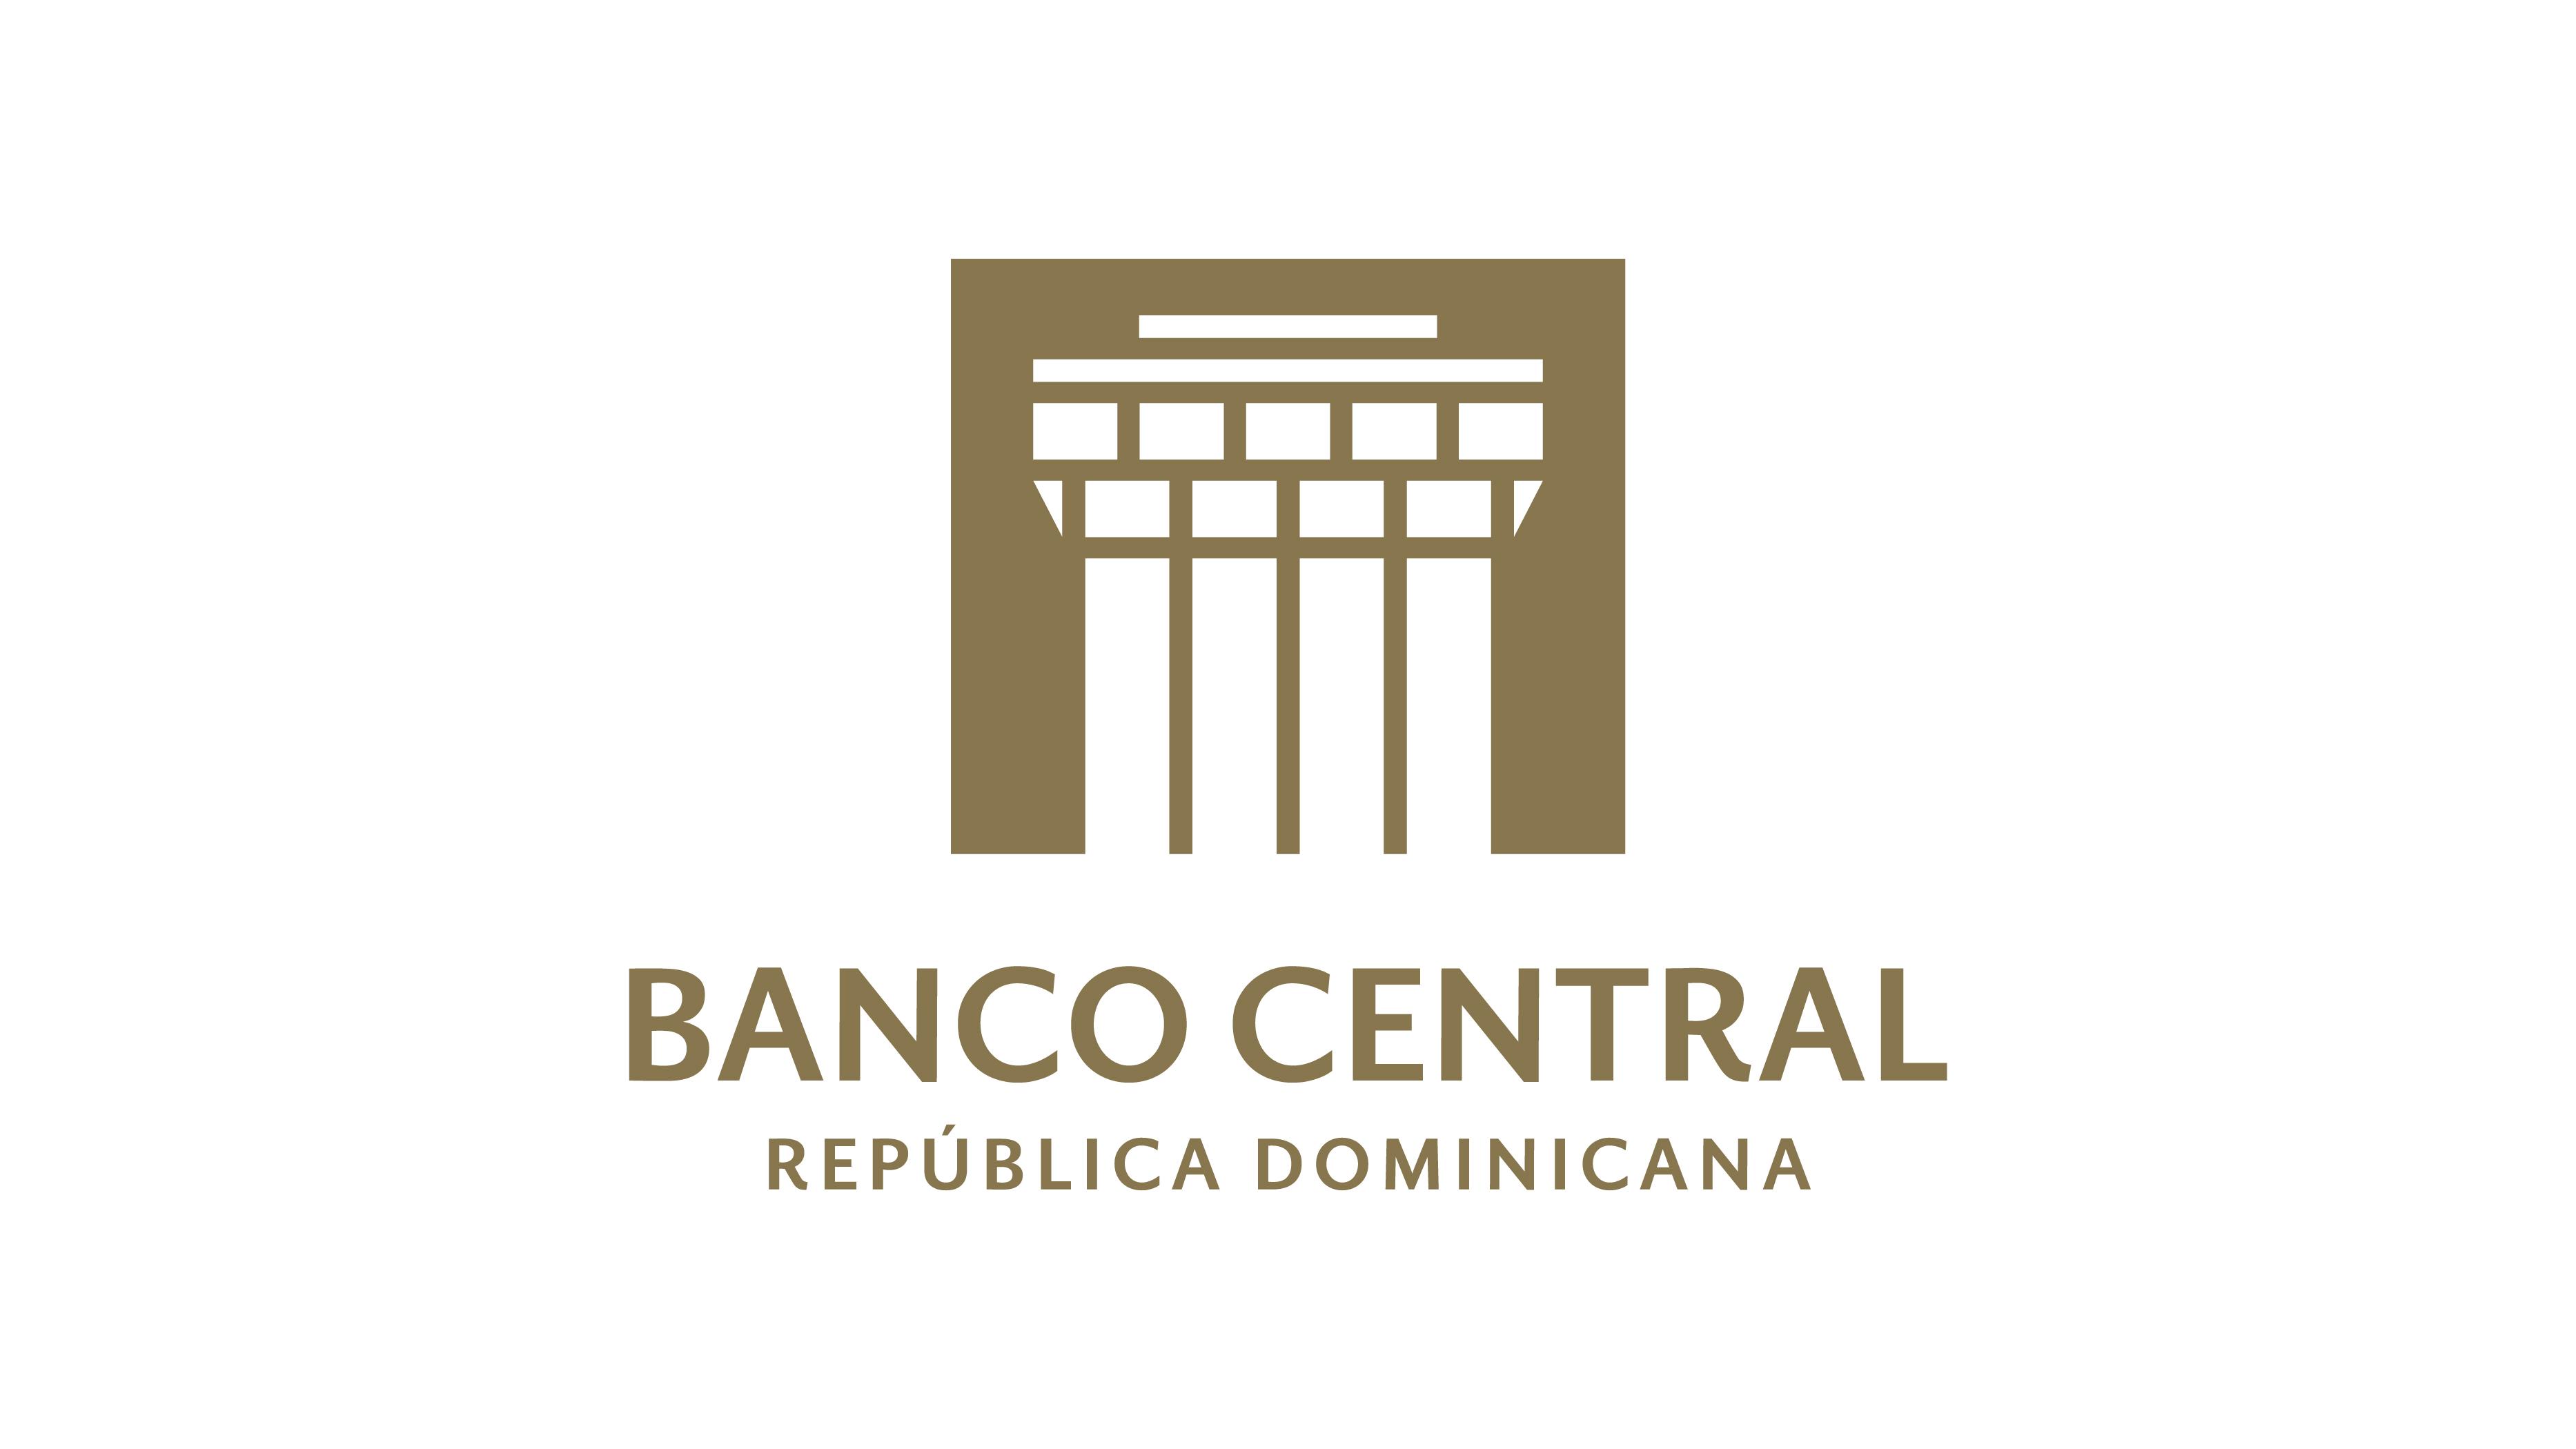 Nueva imagen del Banco Central.